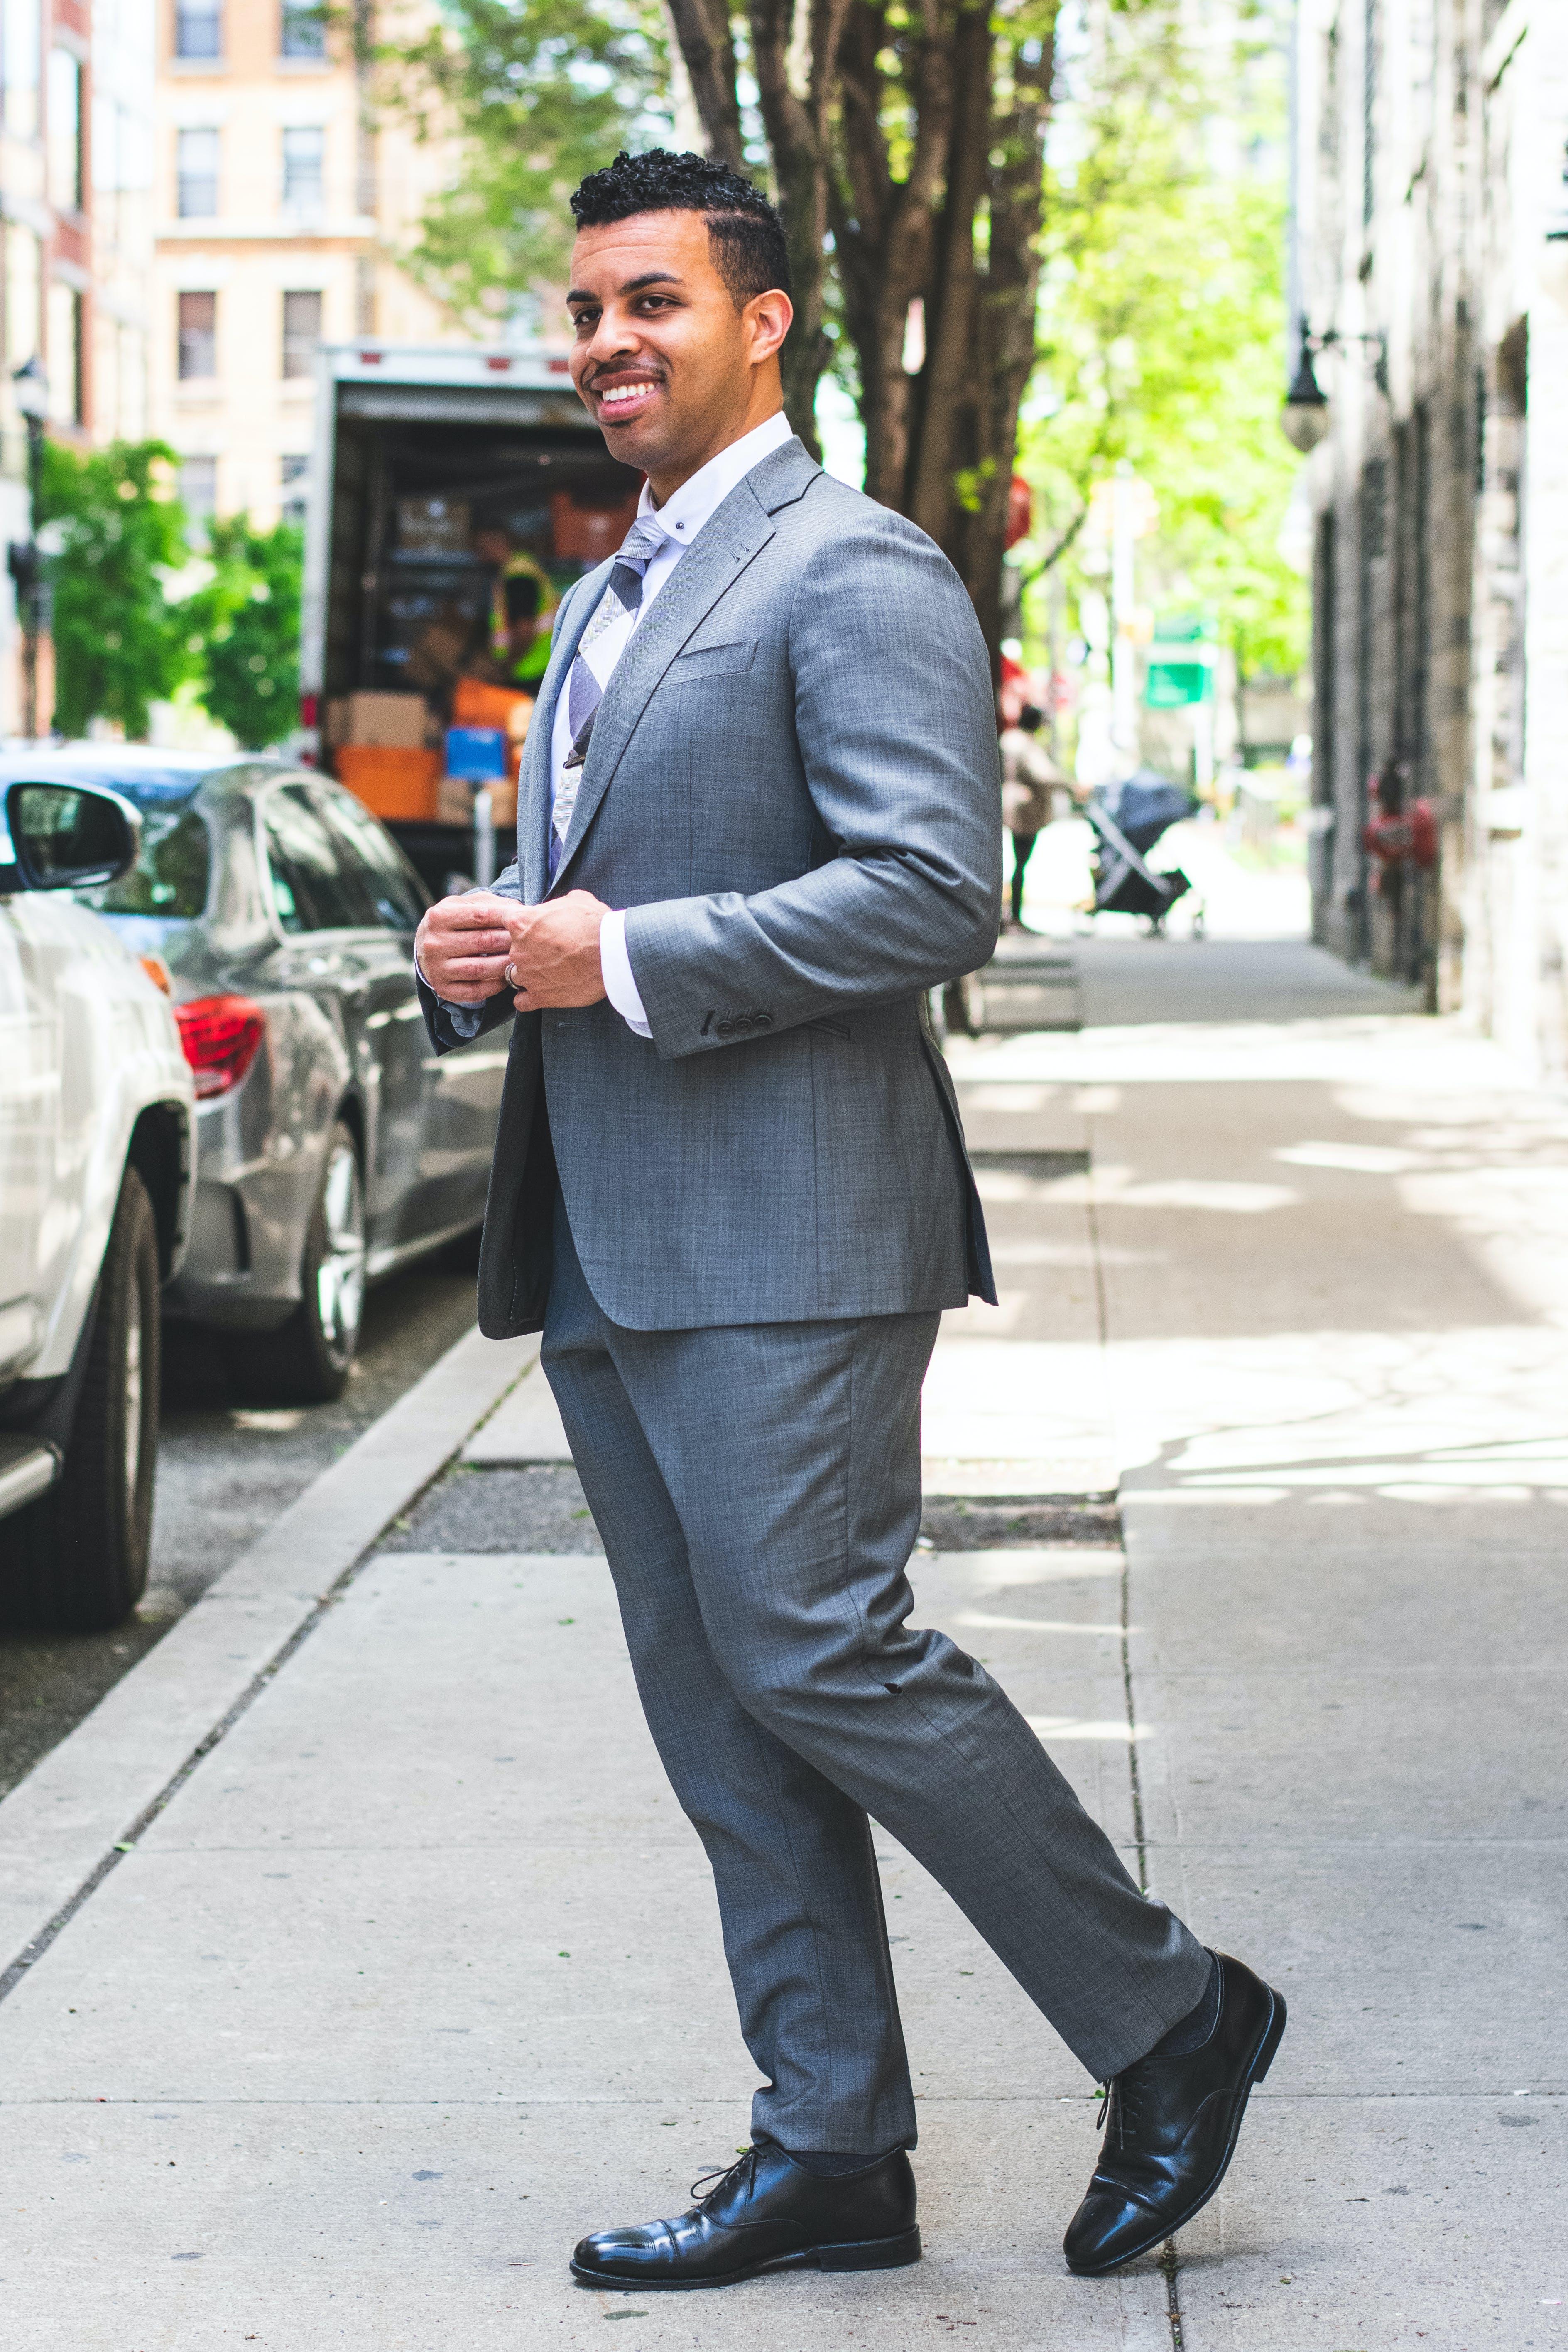 Smiling Man In Grey Suit Standing On Sidewalk